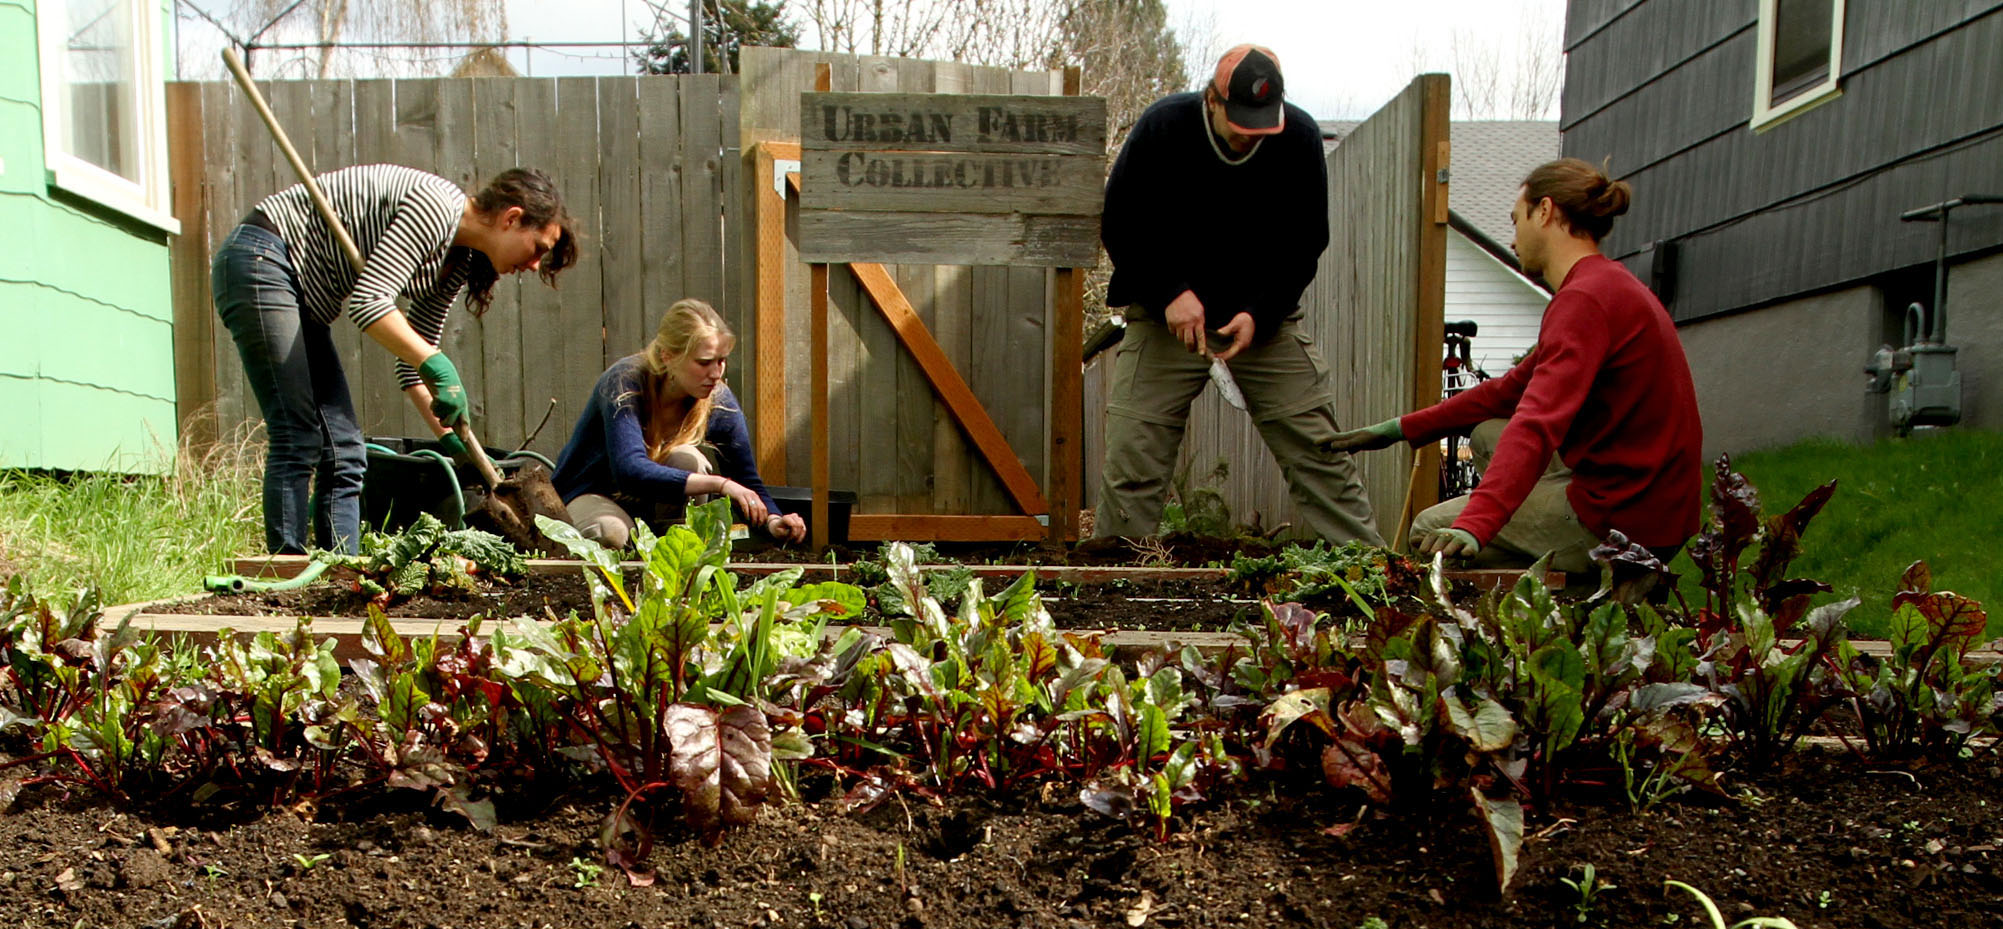 Urban Farm Collective